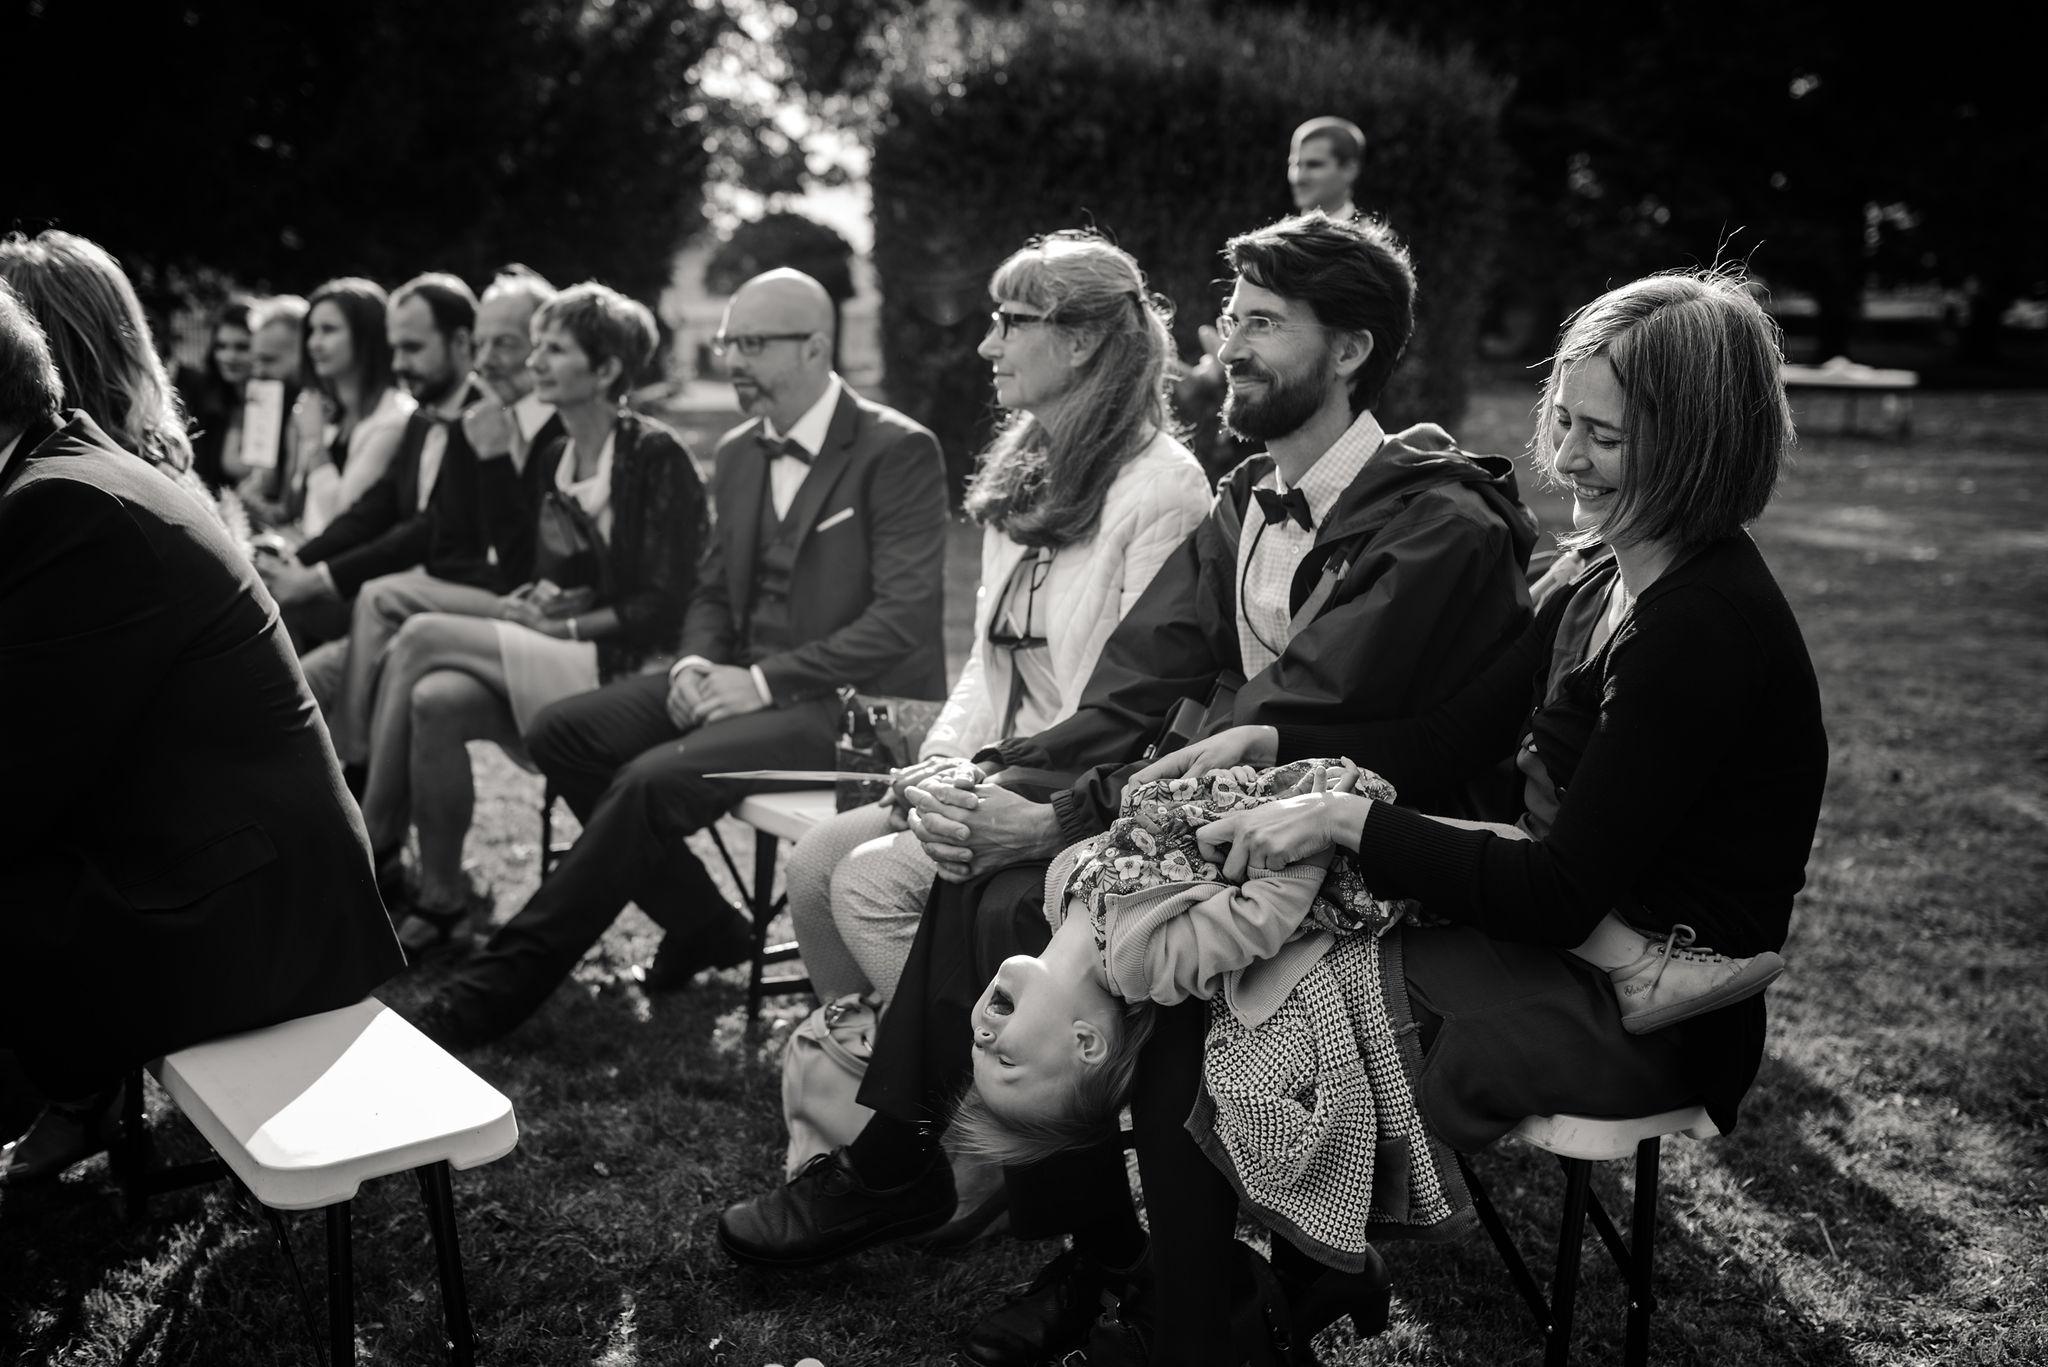 Léa-Fery-photographe-professionnel-lyon-rhone-alpes-portrait-creation-mariage-evenement-evenementiel-famille--83.jpg